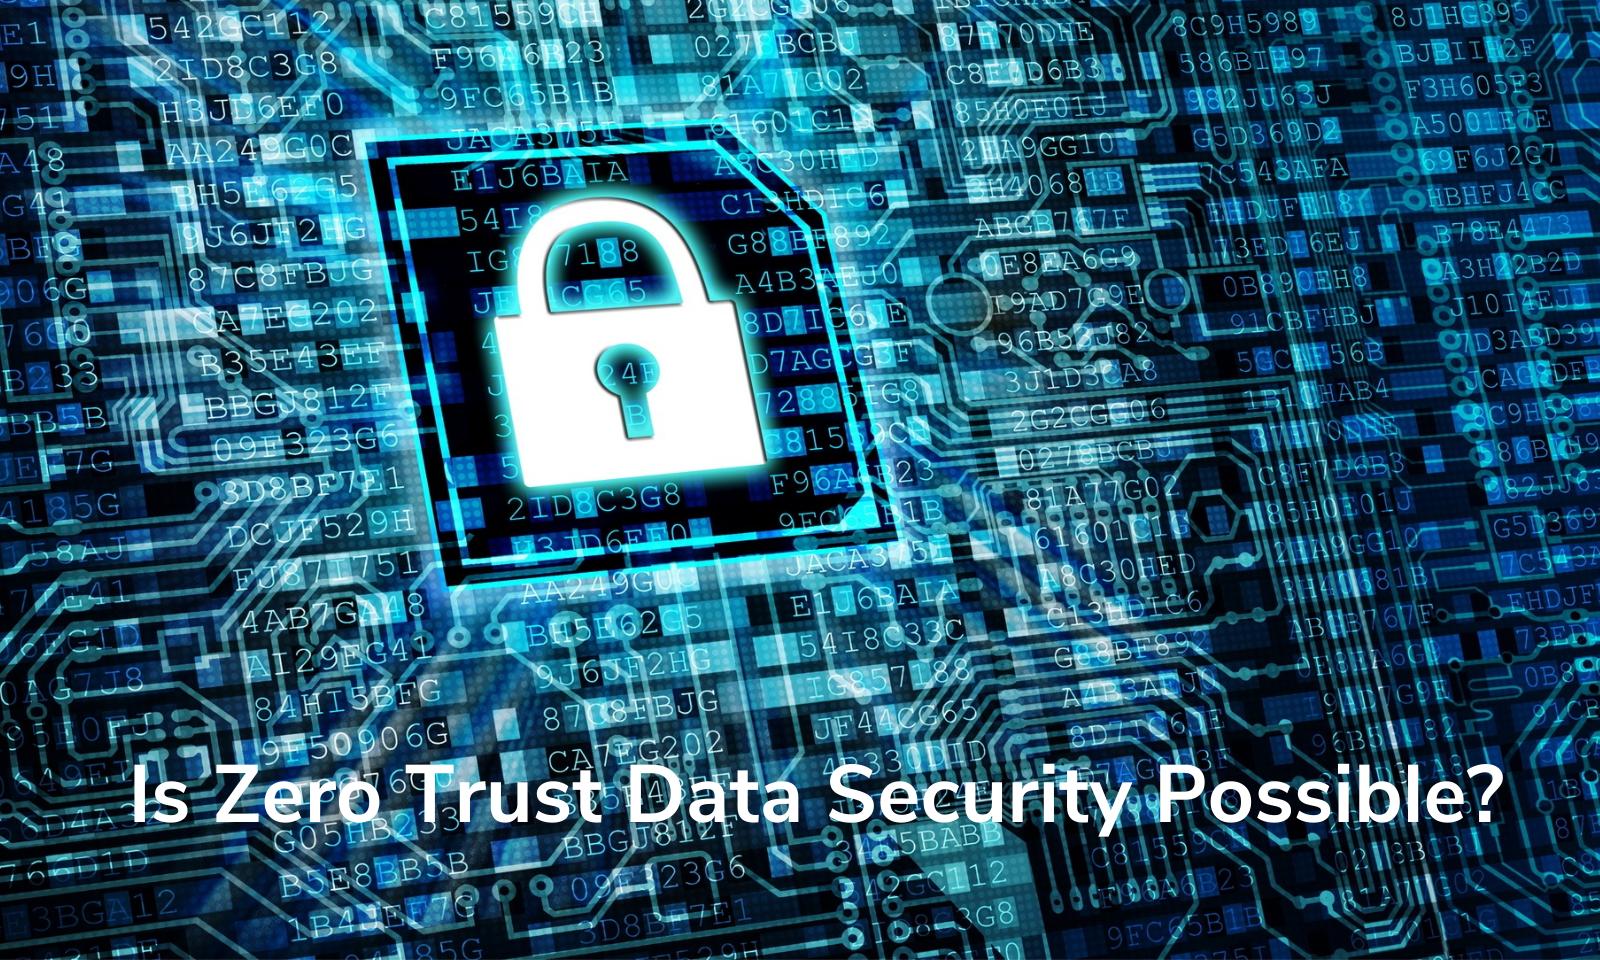 Is Zero Trust Data Security Possible?